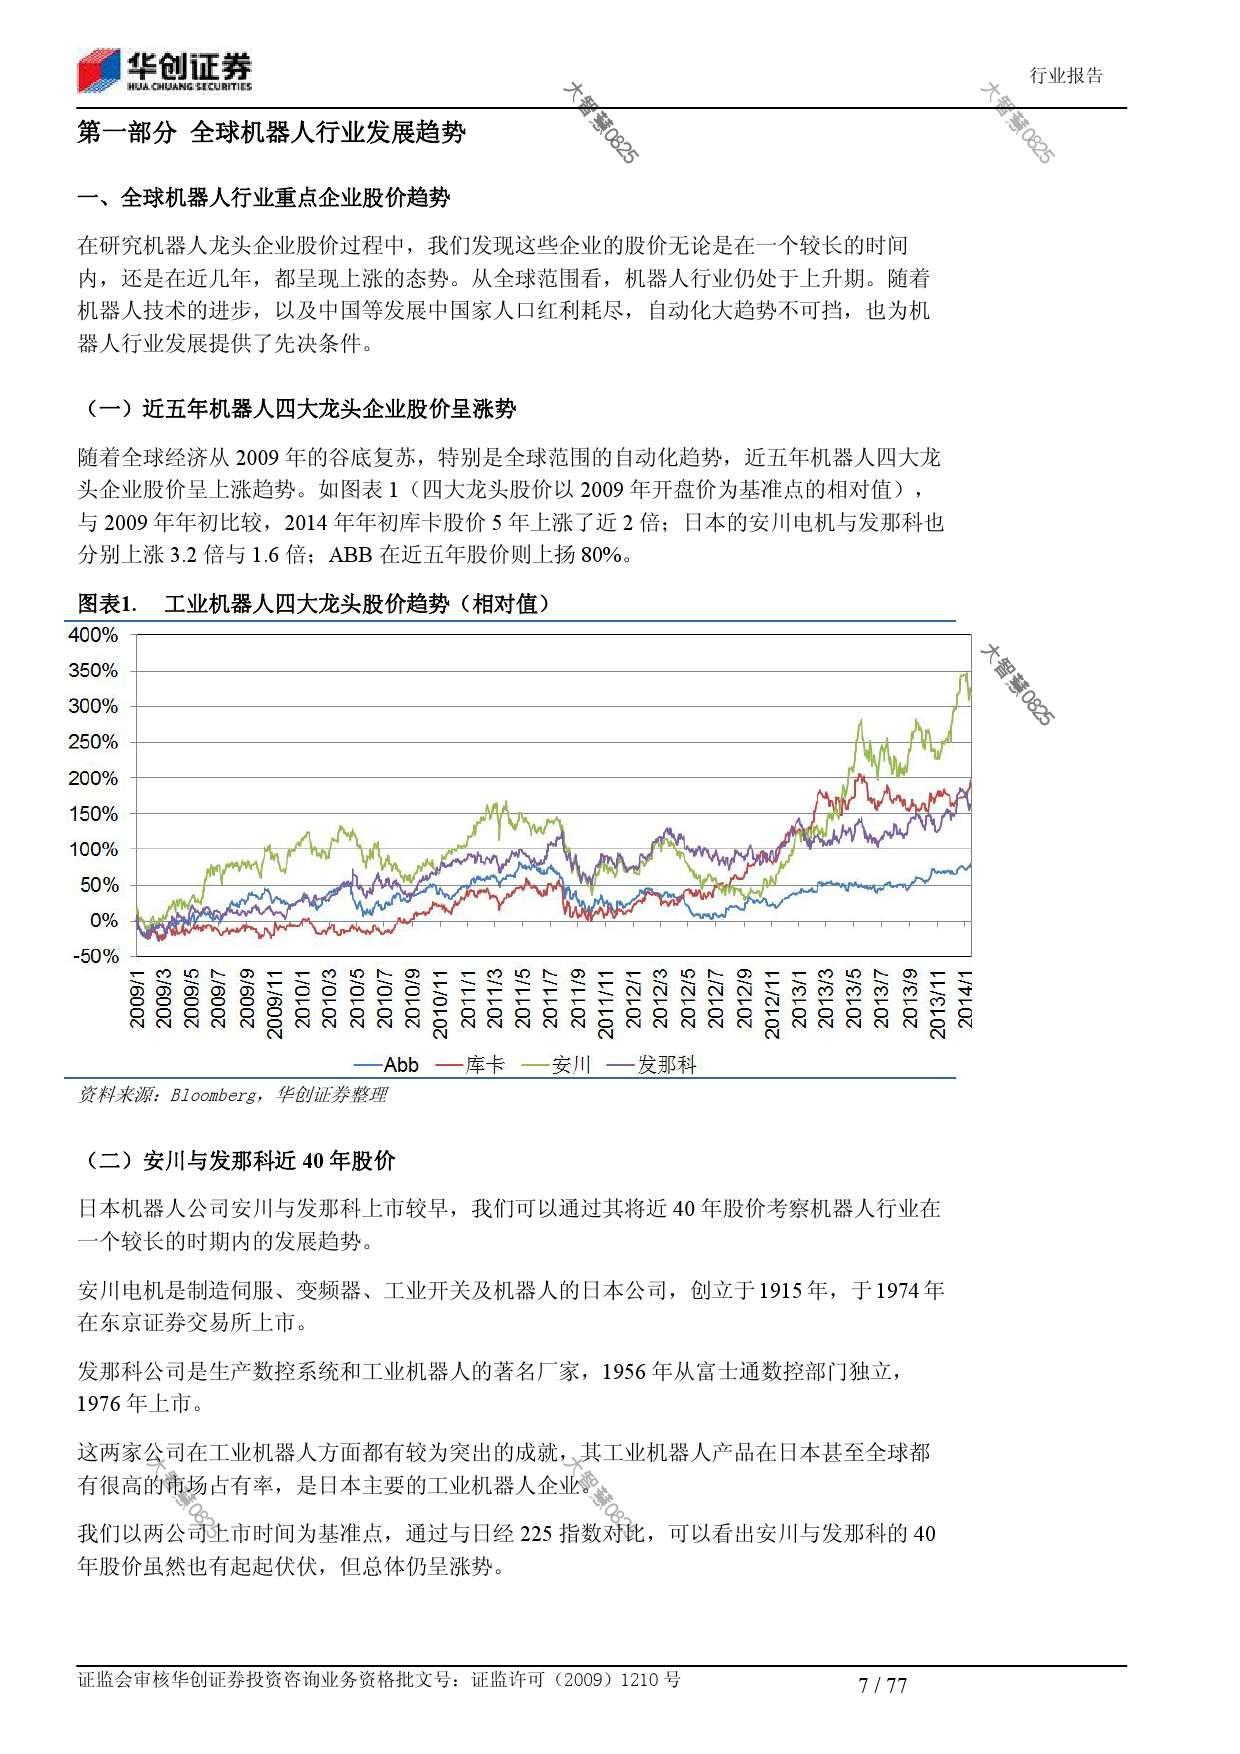 行业研究_华创证券_刘国清,鲁佩_机械设备:机器人大趋势_2014021_000007